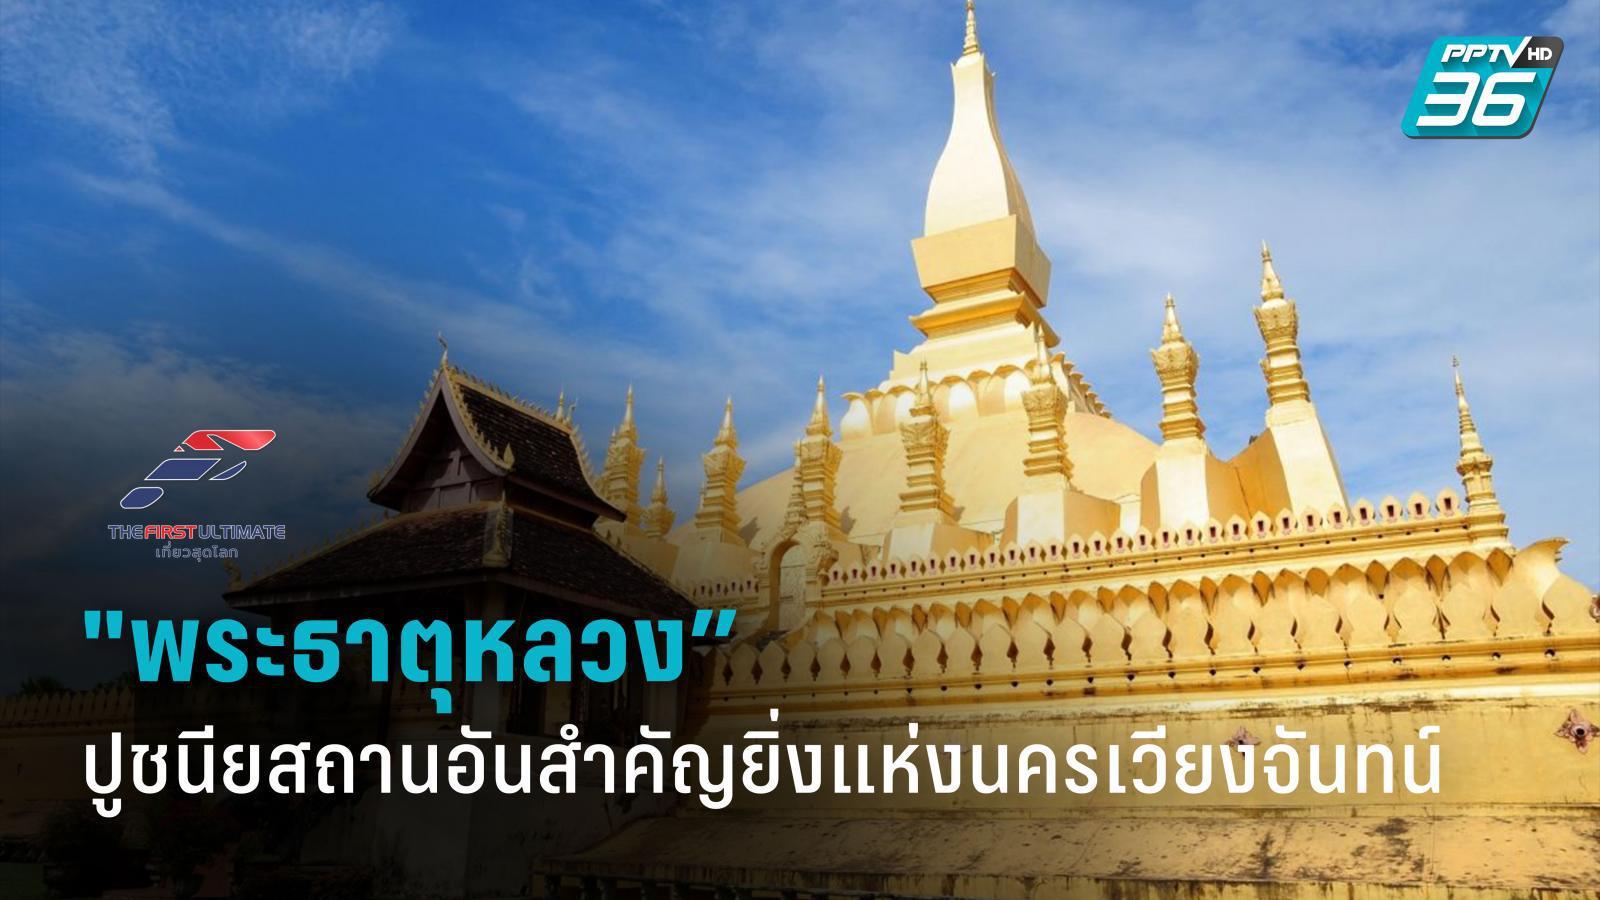 พระธาตุหลวง ปูชนียสถานอันสำคัญยิ่งแห่งนครเวียงจันทน์